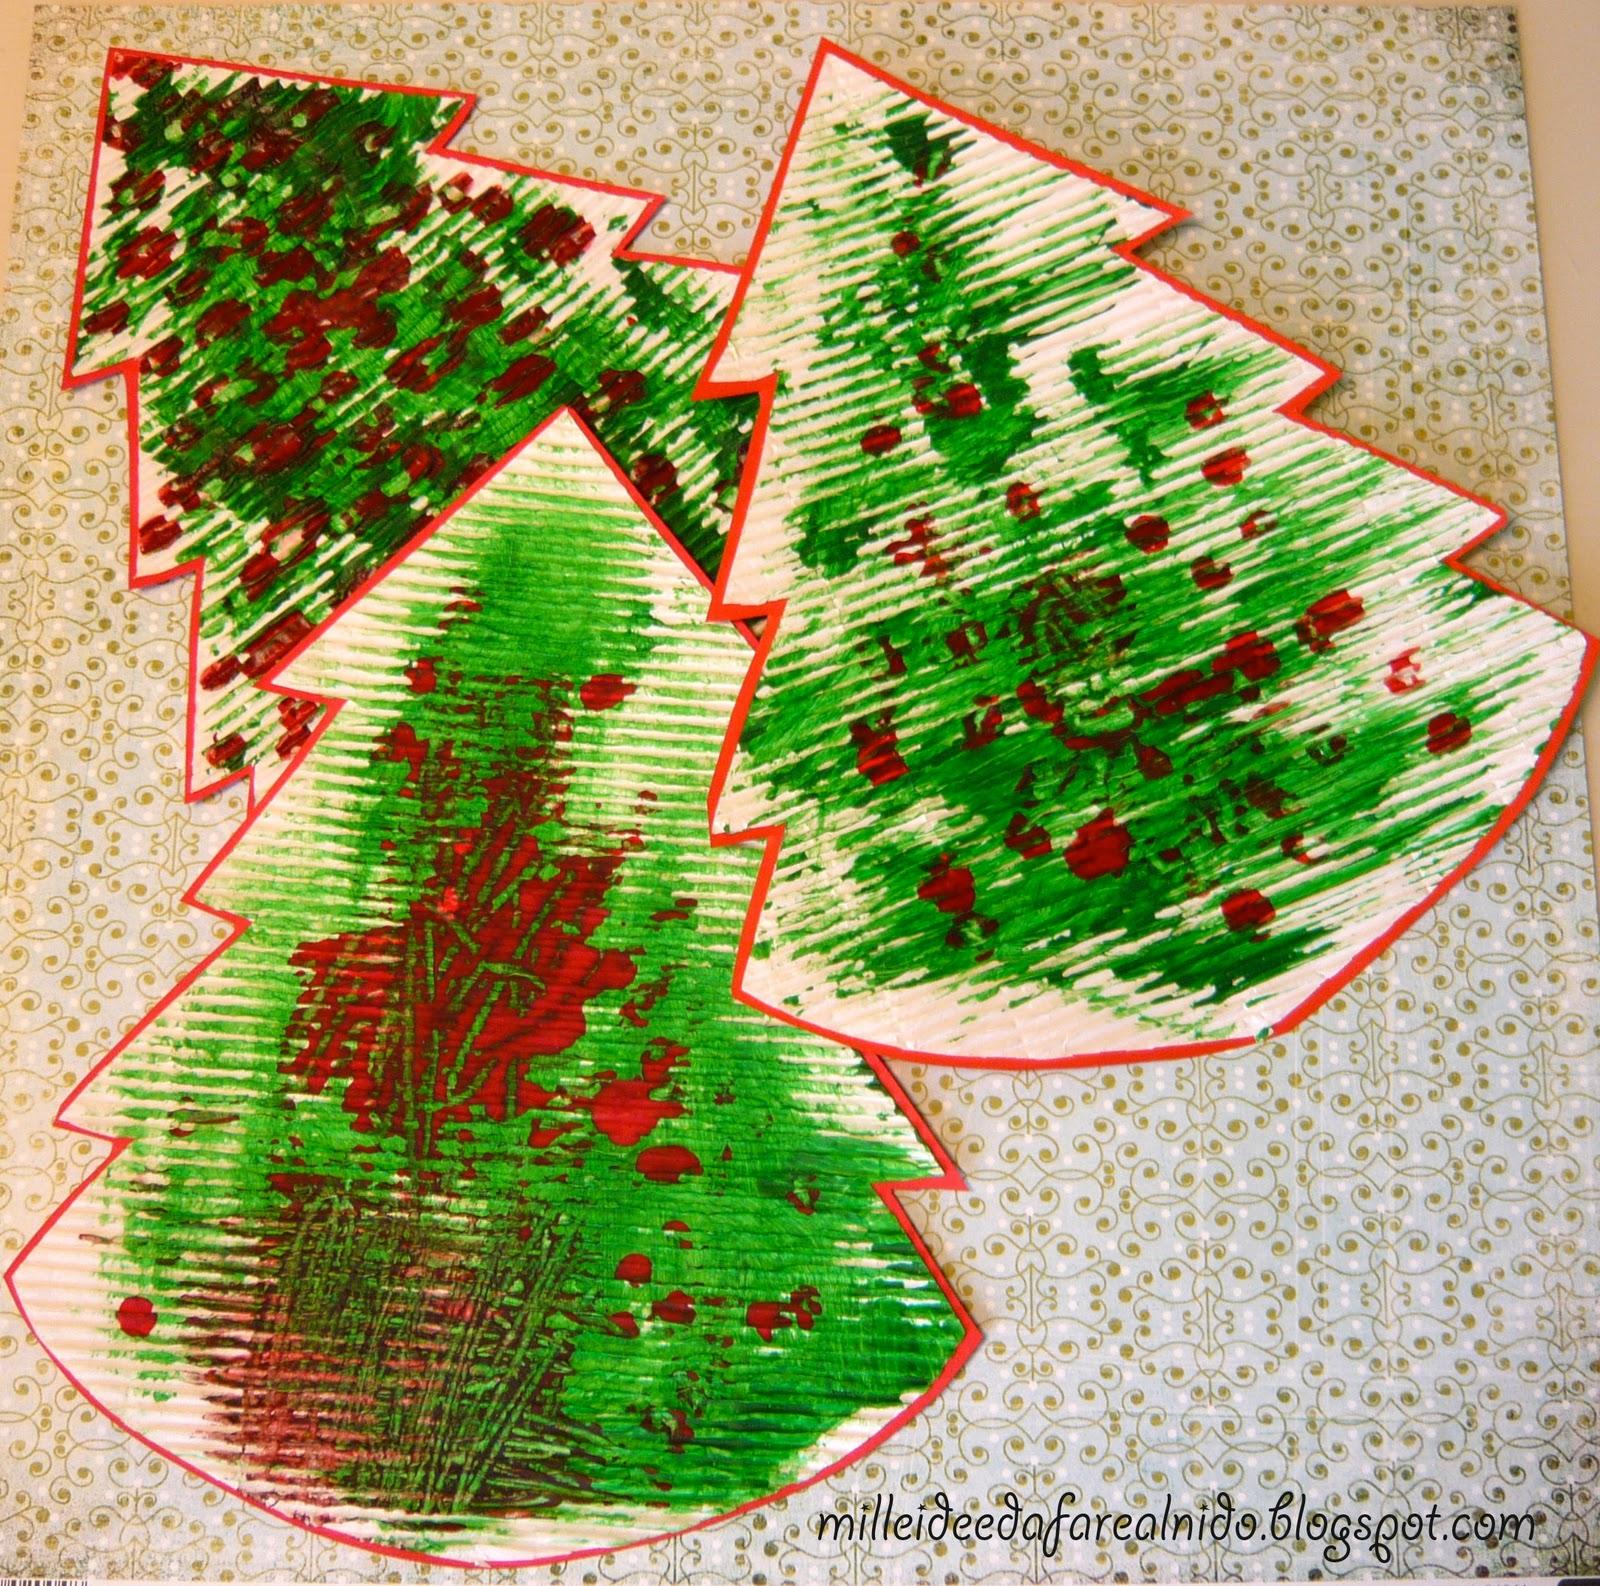 Lavoretti Di Natale Bambini Asilo Nido.Mille Idee Al Nido 2011